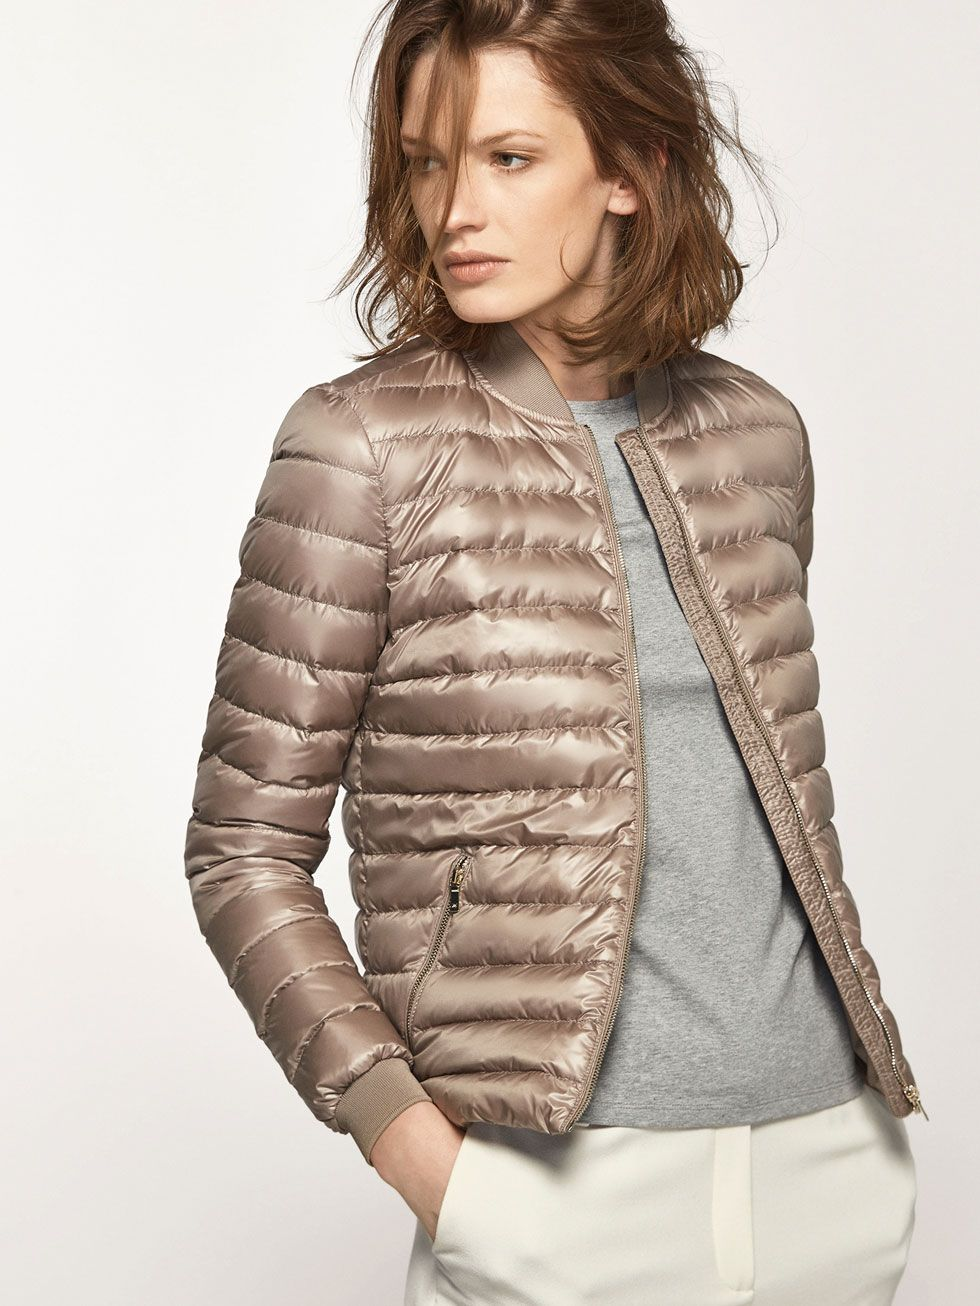 Chaqueta de Abrigo de invierno Cálido Parkas Mujer Mujer